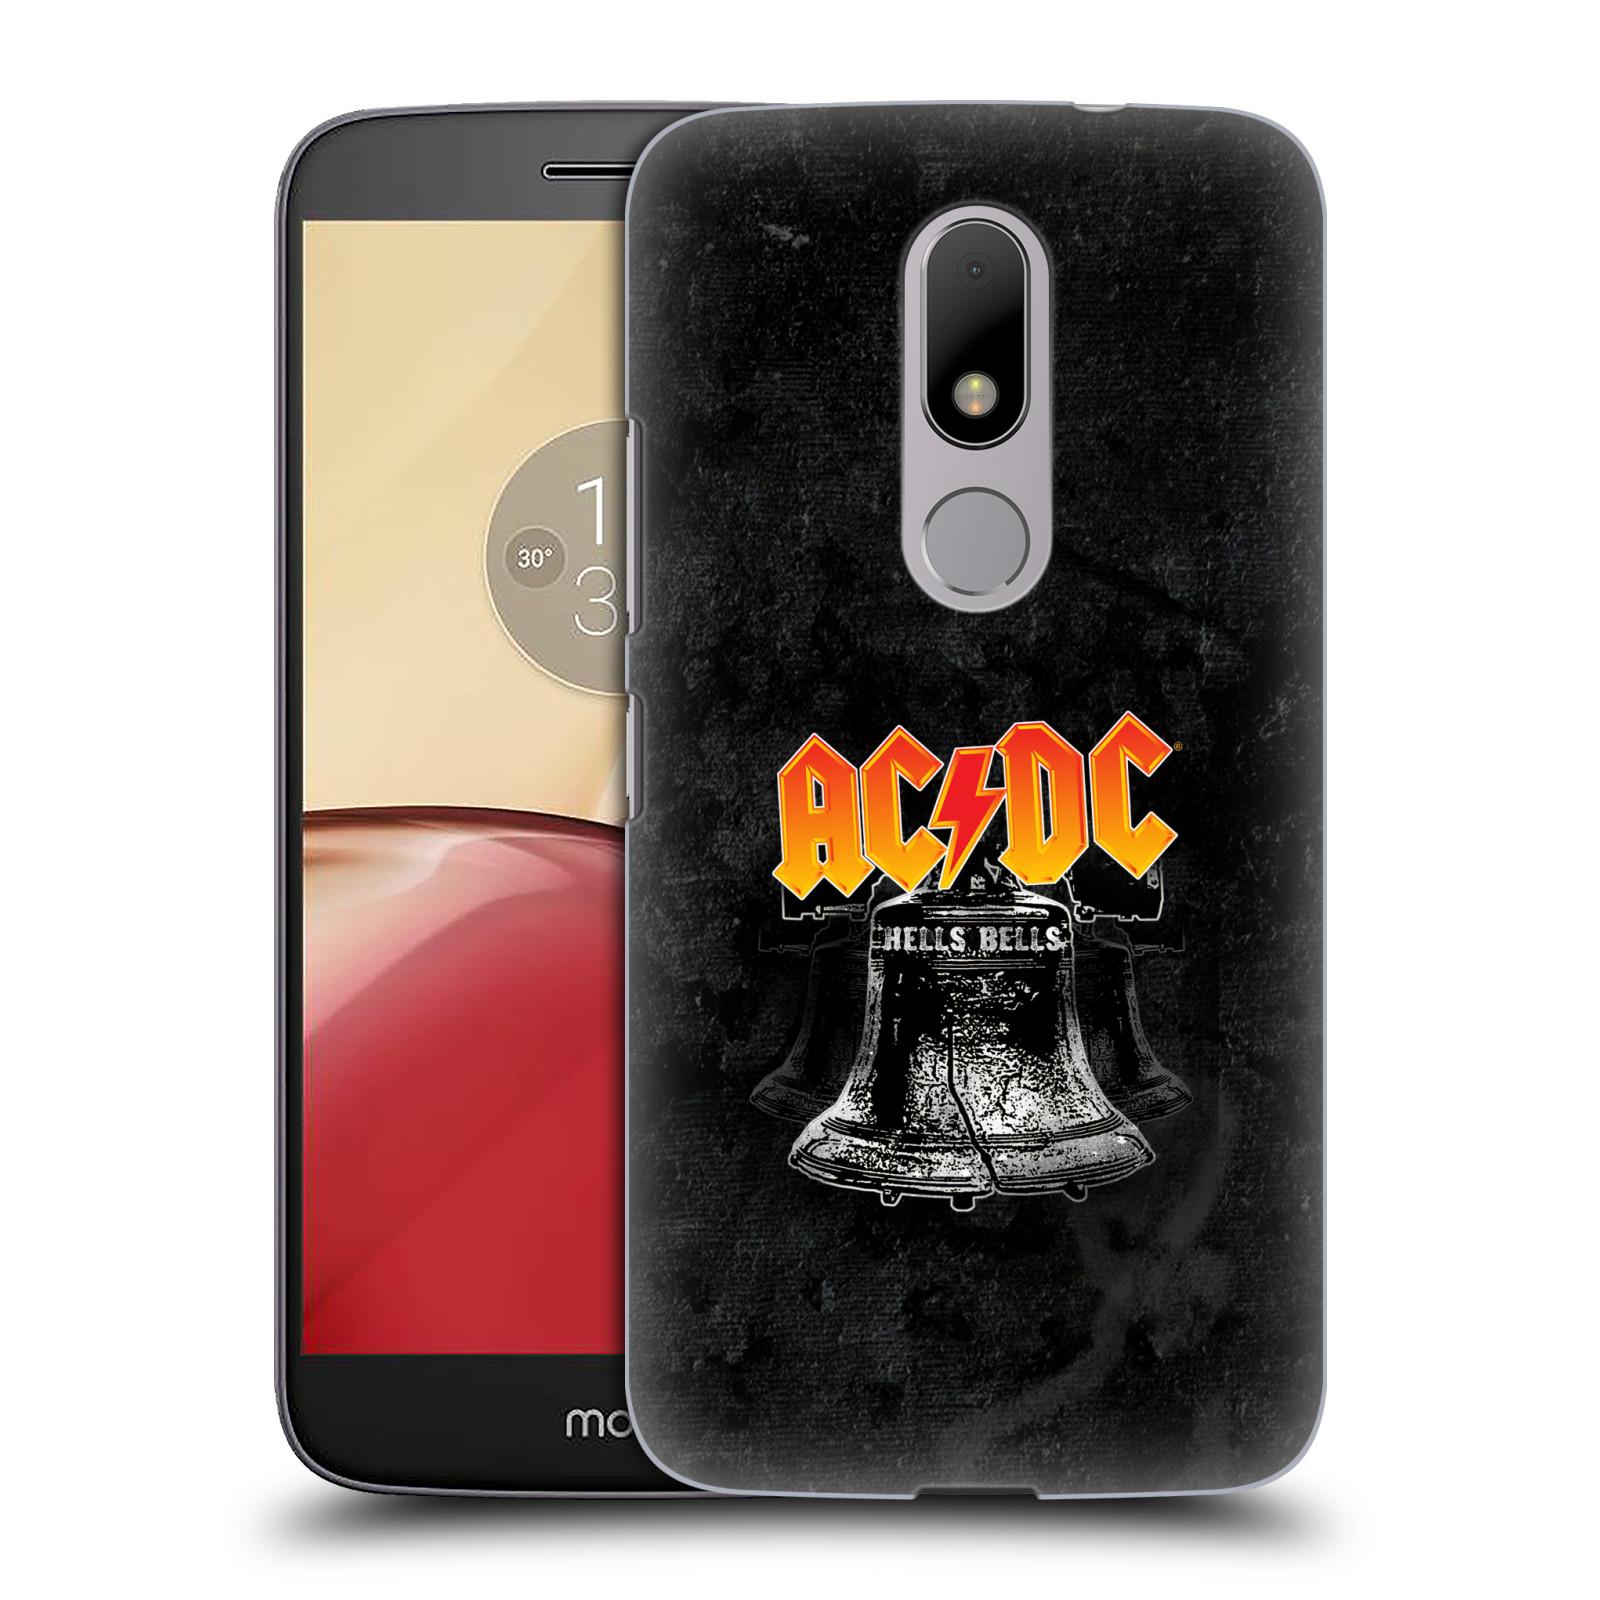 Plastové pouzdro na mobil Lenovo Moto M HEAD CASE AC/DC Hells Bells (Plastový kryt či obal na mobilní telefon s oficiálním motivem australské skupiny AC/DC pro Lenovo (Motorola) Moto M / Moto M Dual SIM)